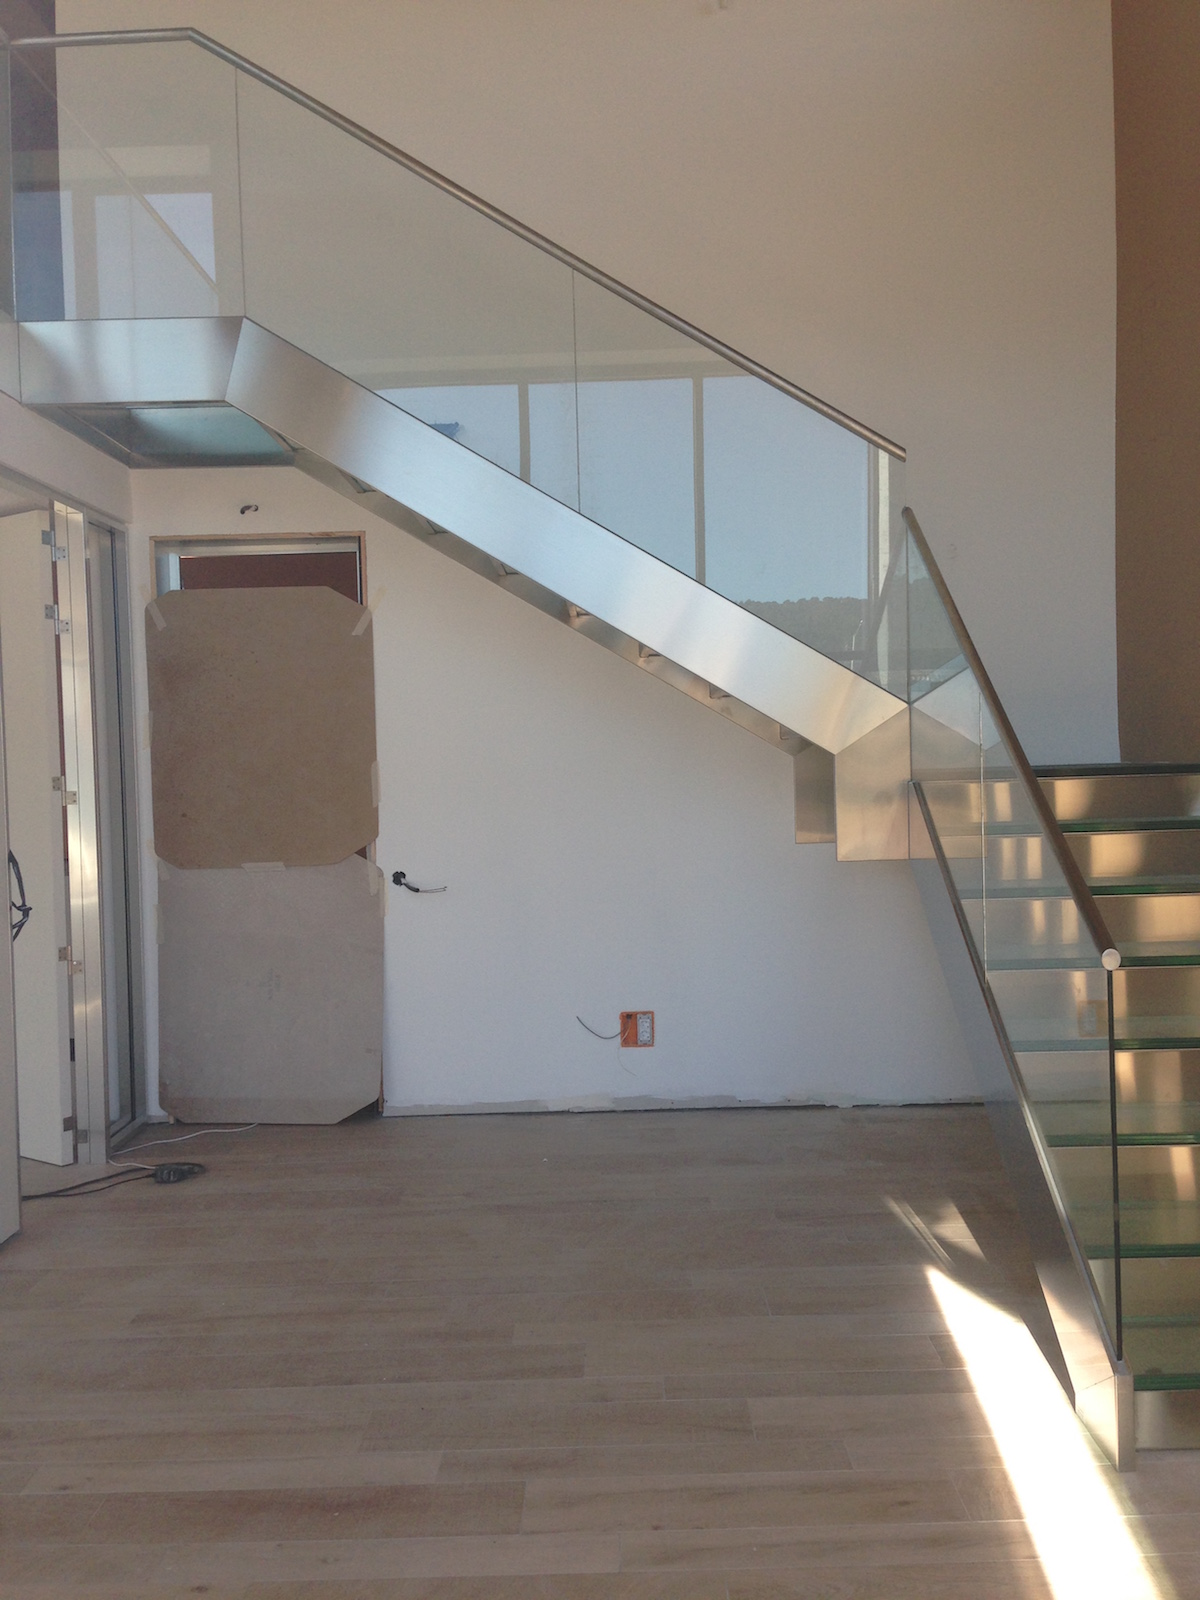 Escalera con pelda o de cristal fr inox - Escaleras con cristal ...